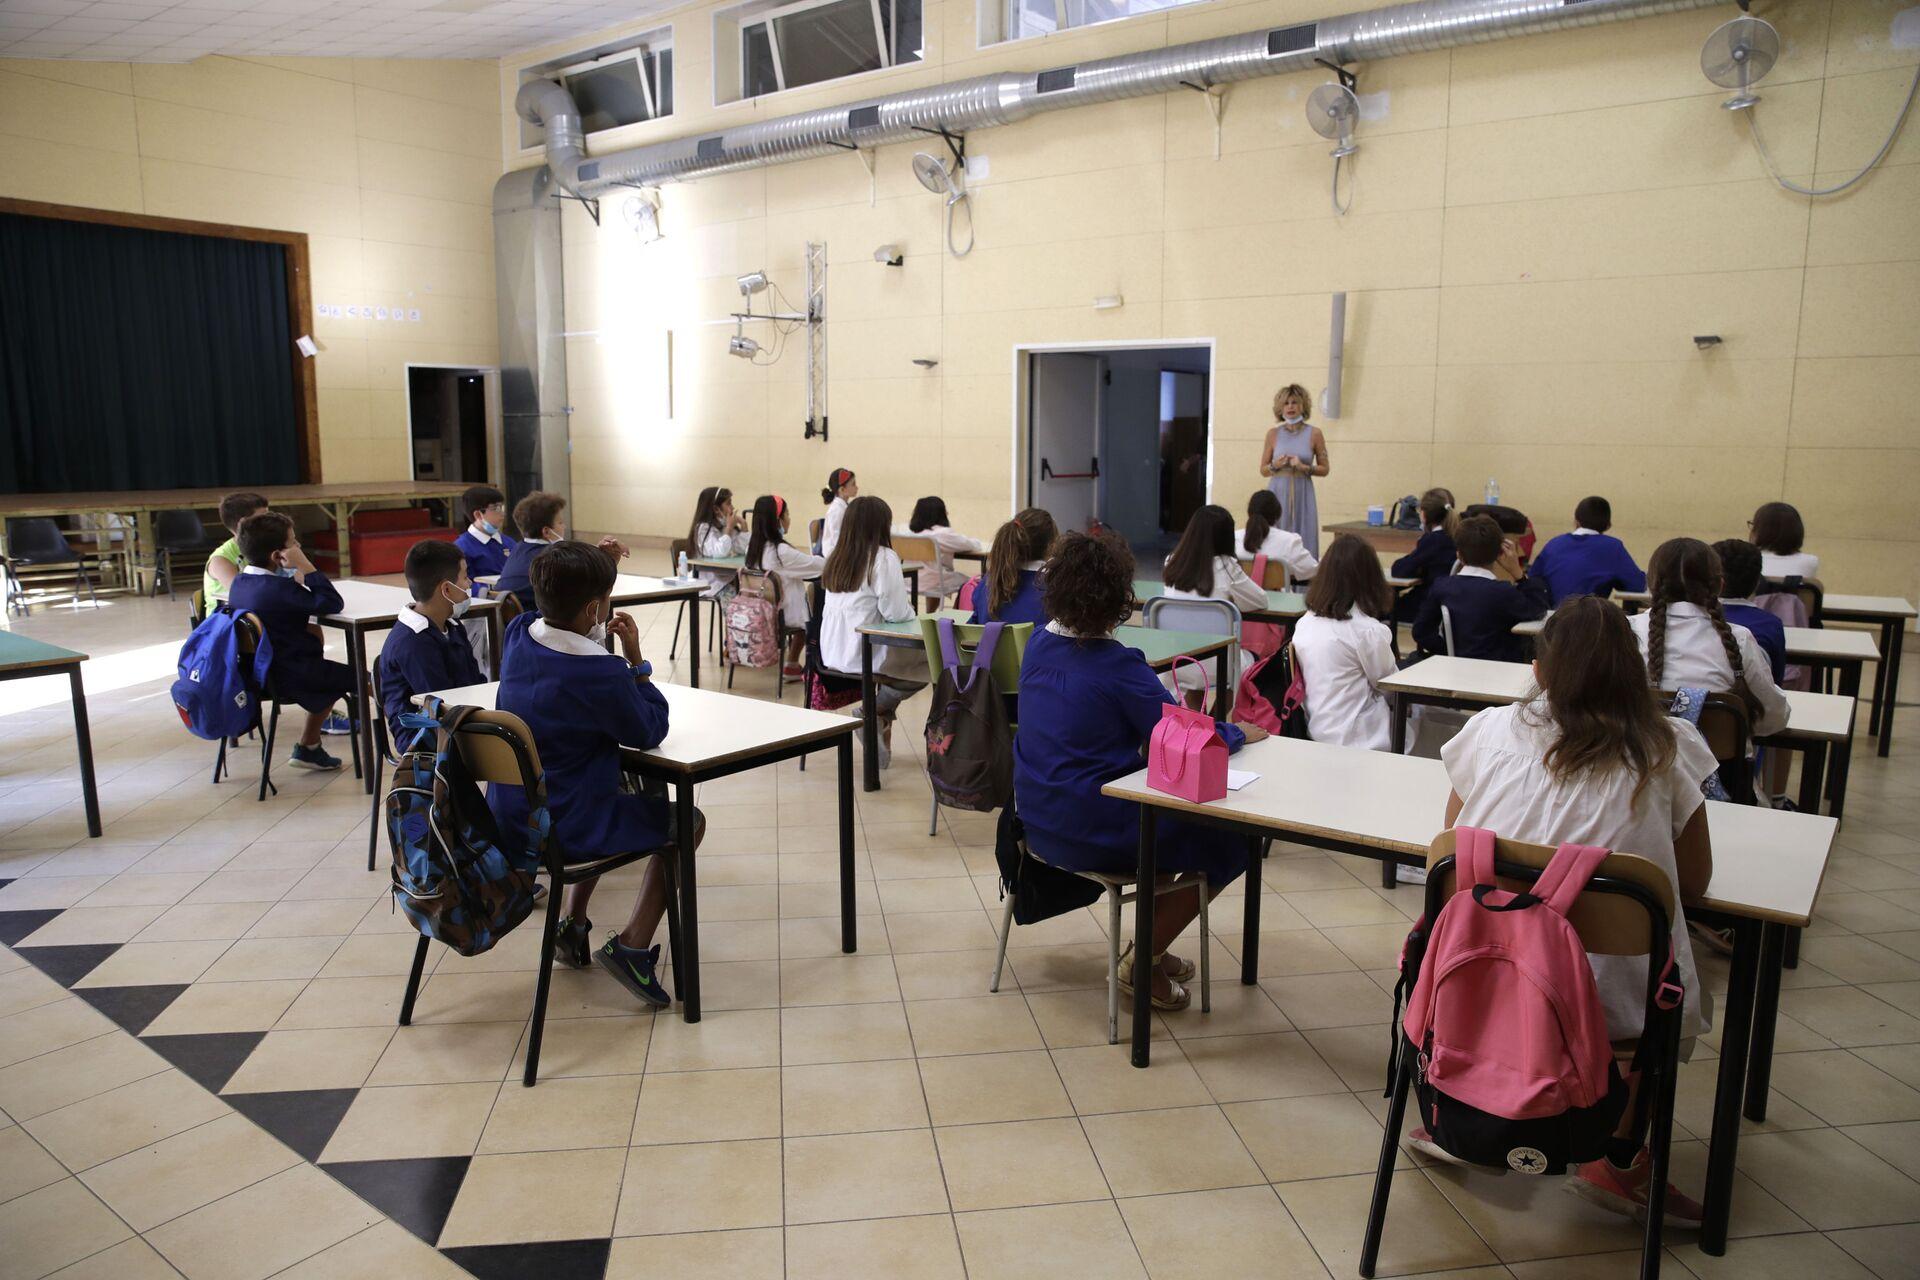 Lezione in una delle scuole a Roma dopo la riapertura, Italia - Sputnik Italia, 1920, 18.05.2021